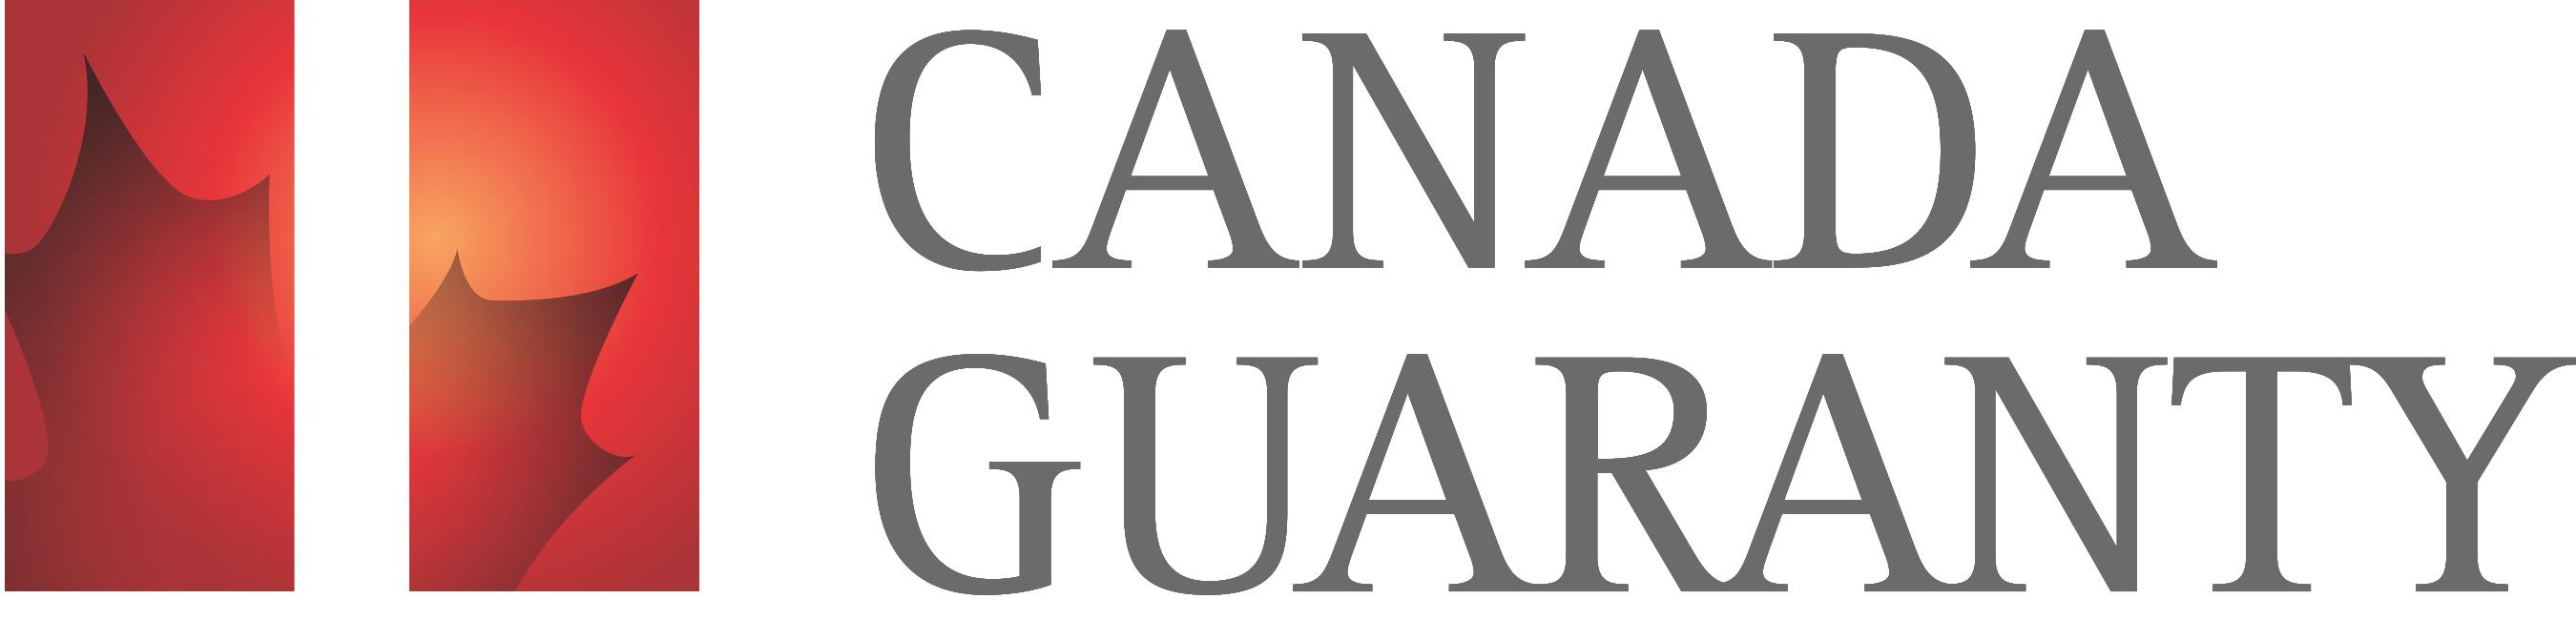 Canada Guaranty - Super Brokers